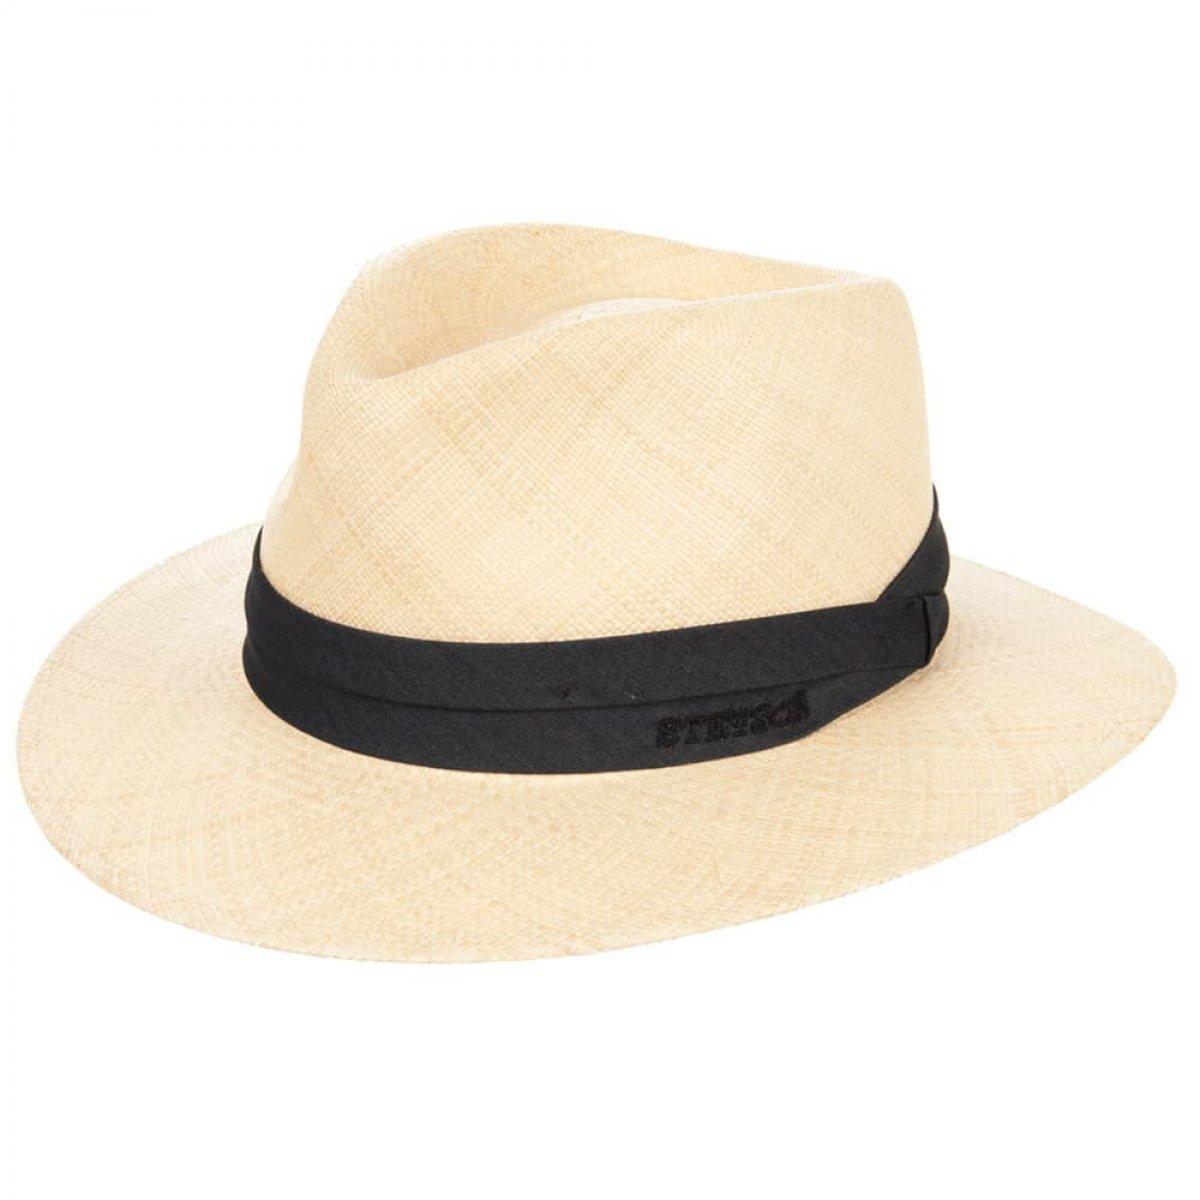 Cowboy Style Waterproof 100 /% Natural Panama Hats